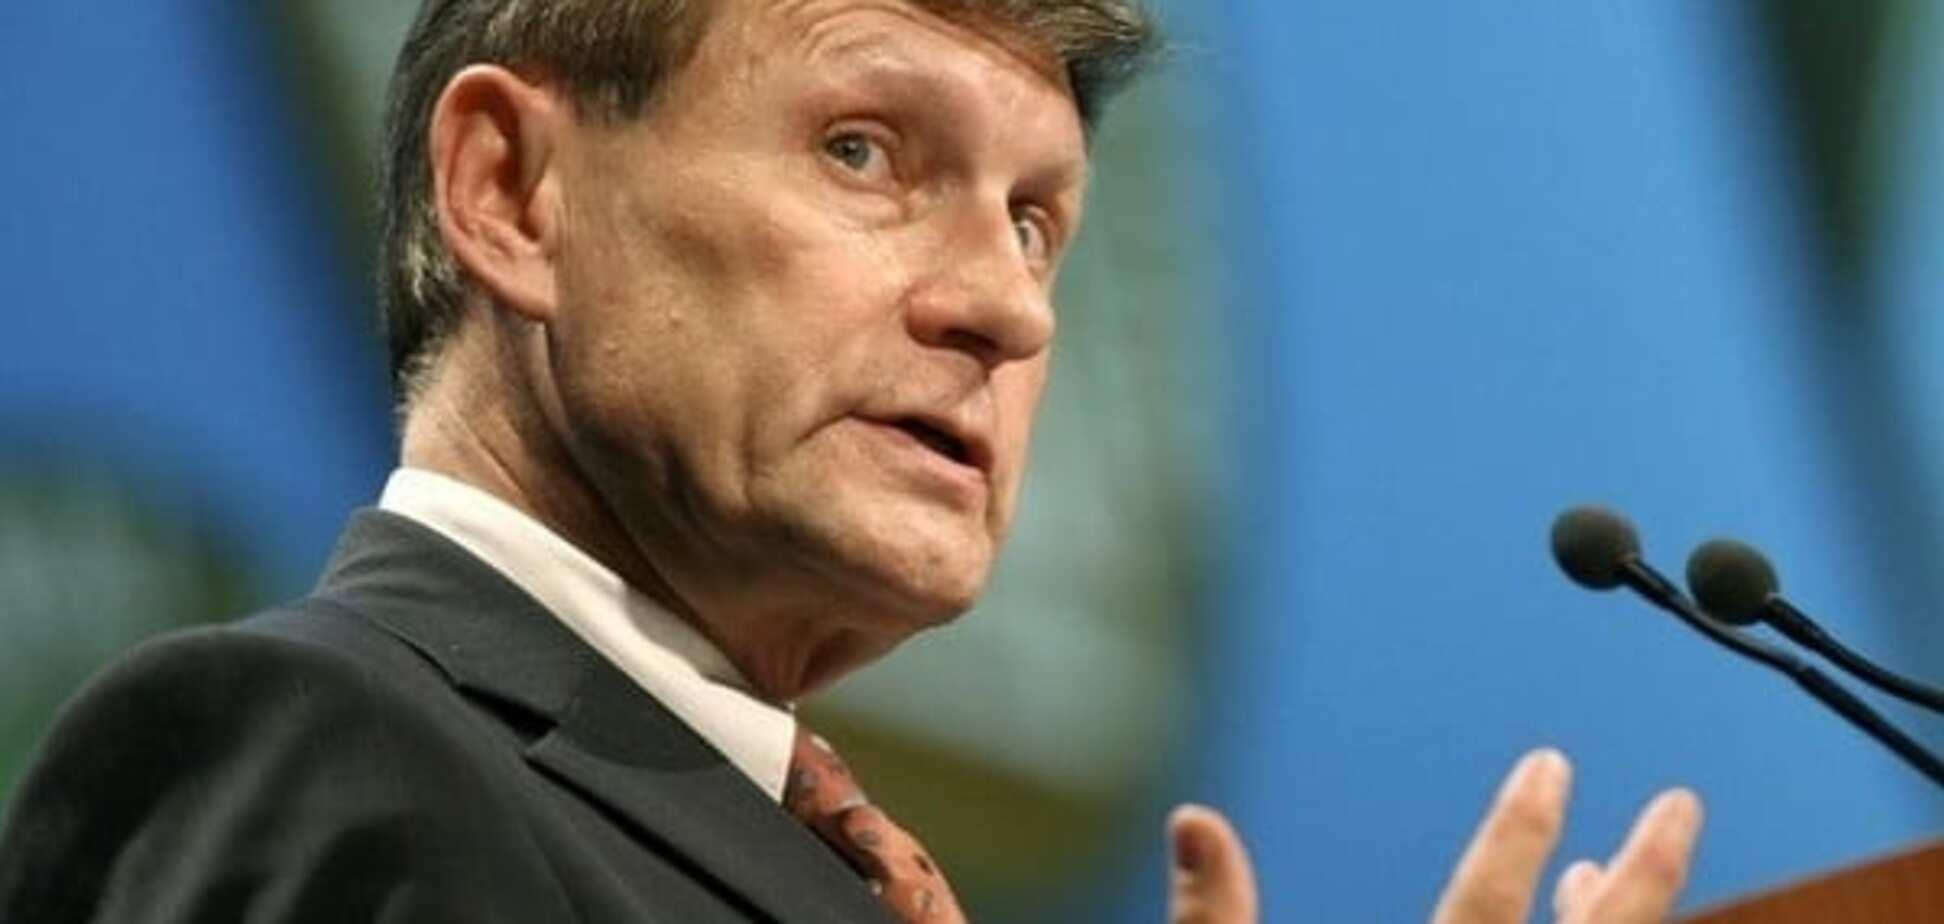 'Польща була б в ж**і': чому Україну лякають Бальцеровичем